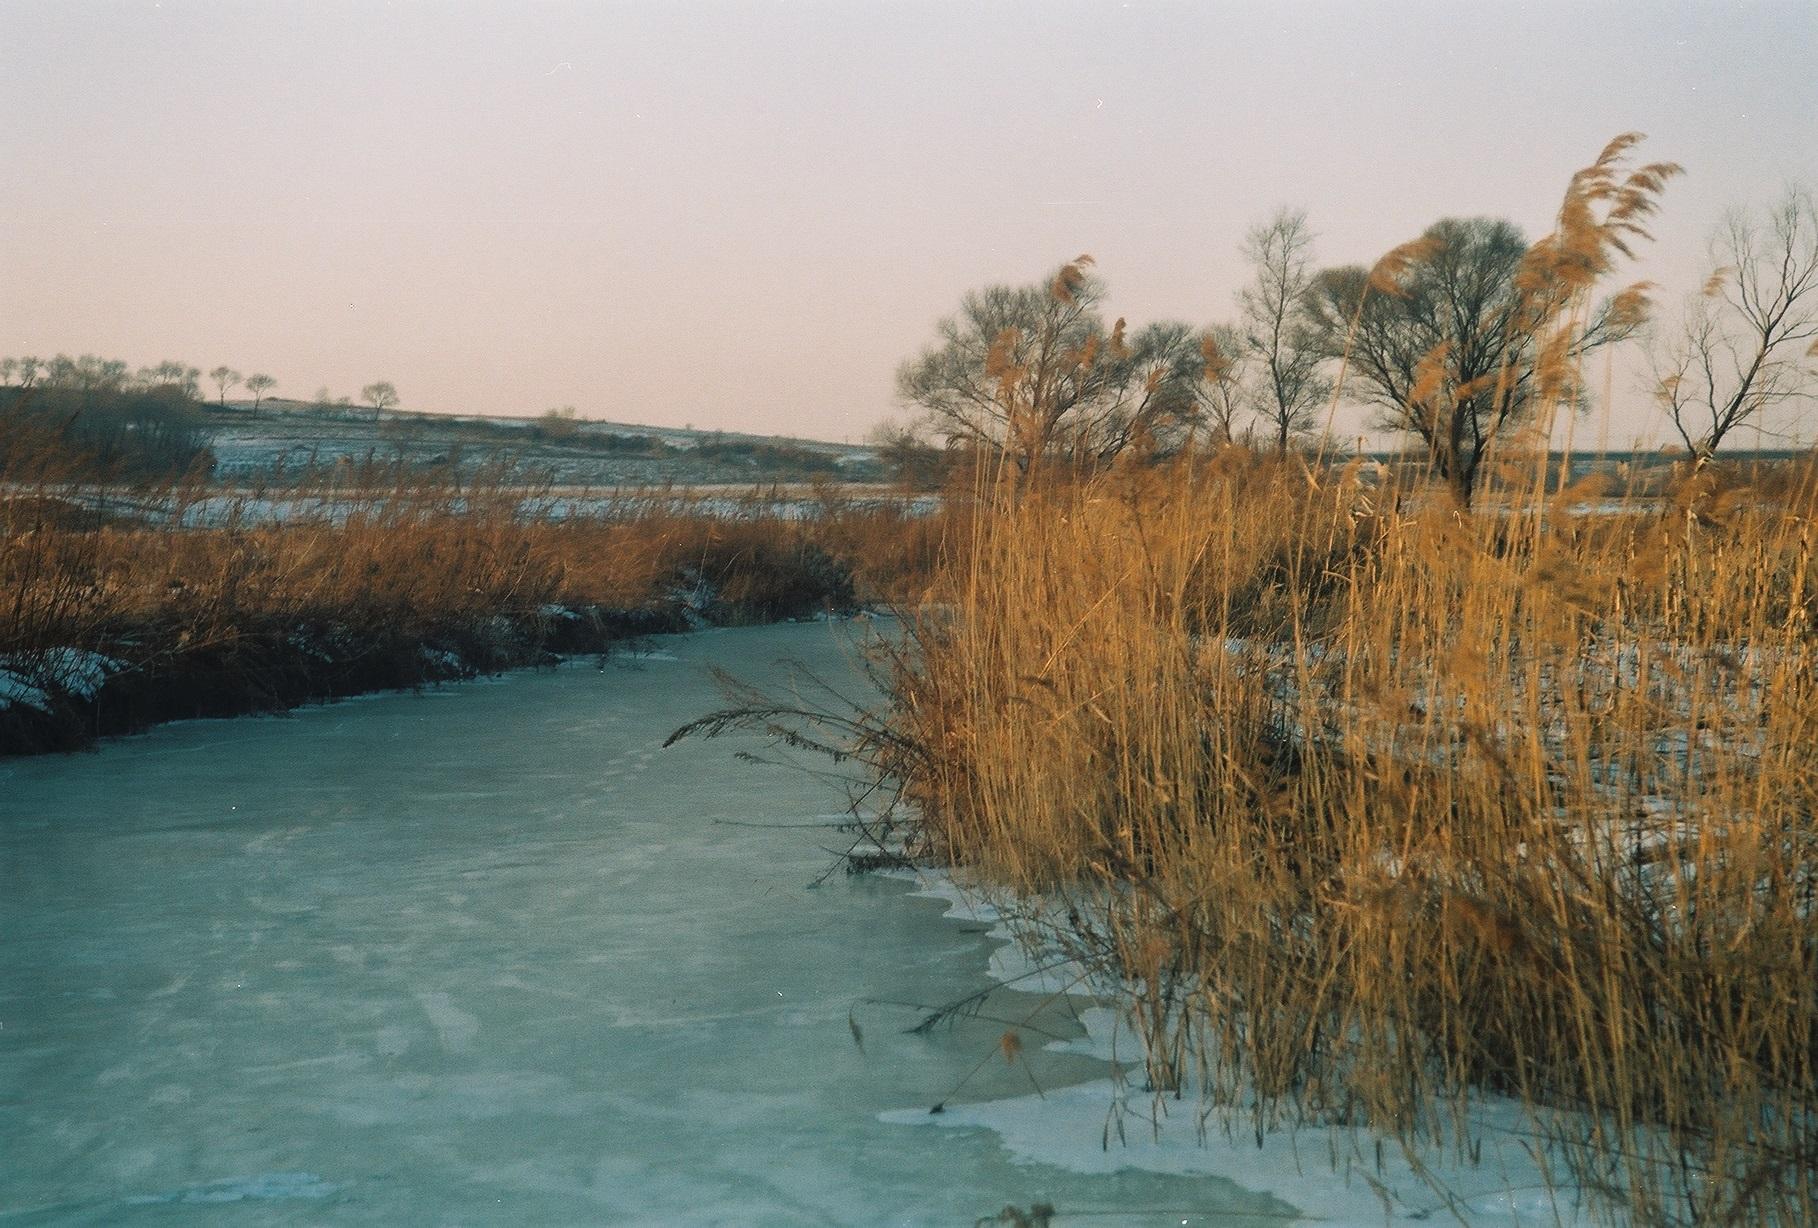 家在北极村-菲林中文-独立胶片摄影门户!